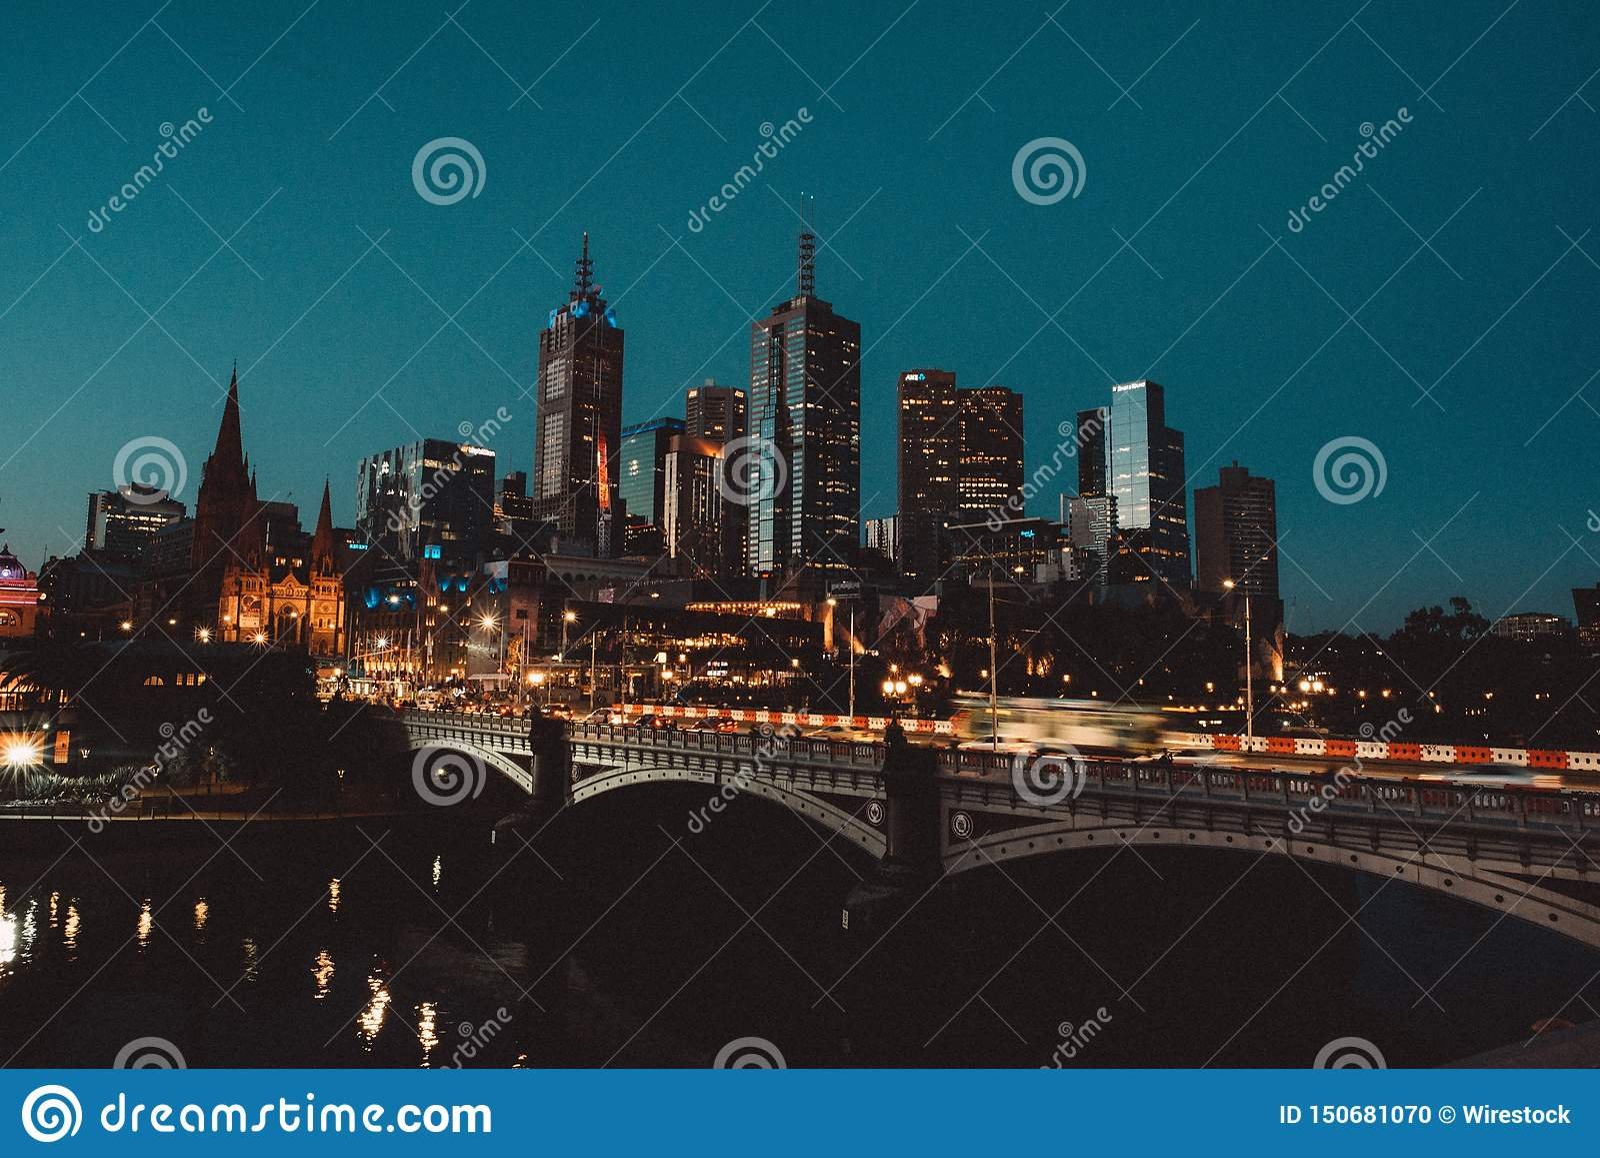 Beau tir d une ville la nuit avec des gratte-ciel grands et un pont